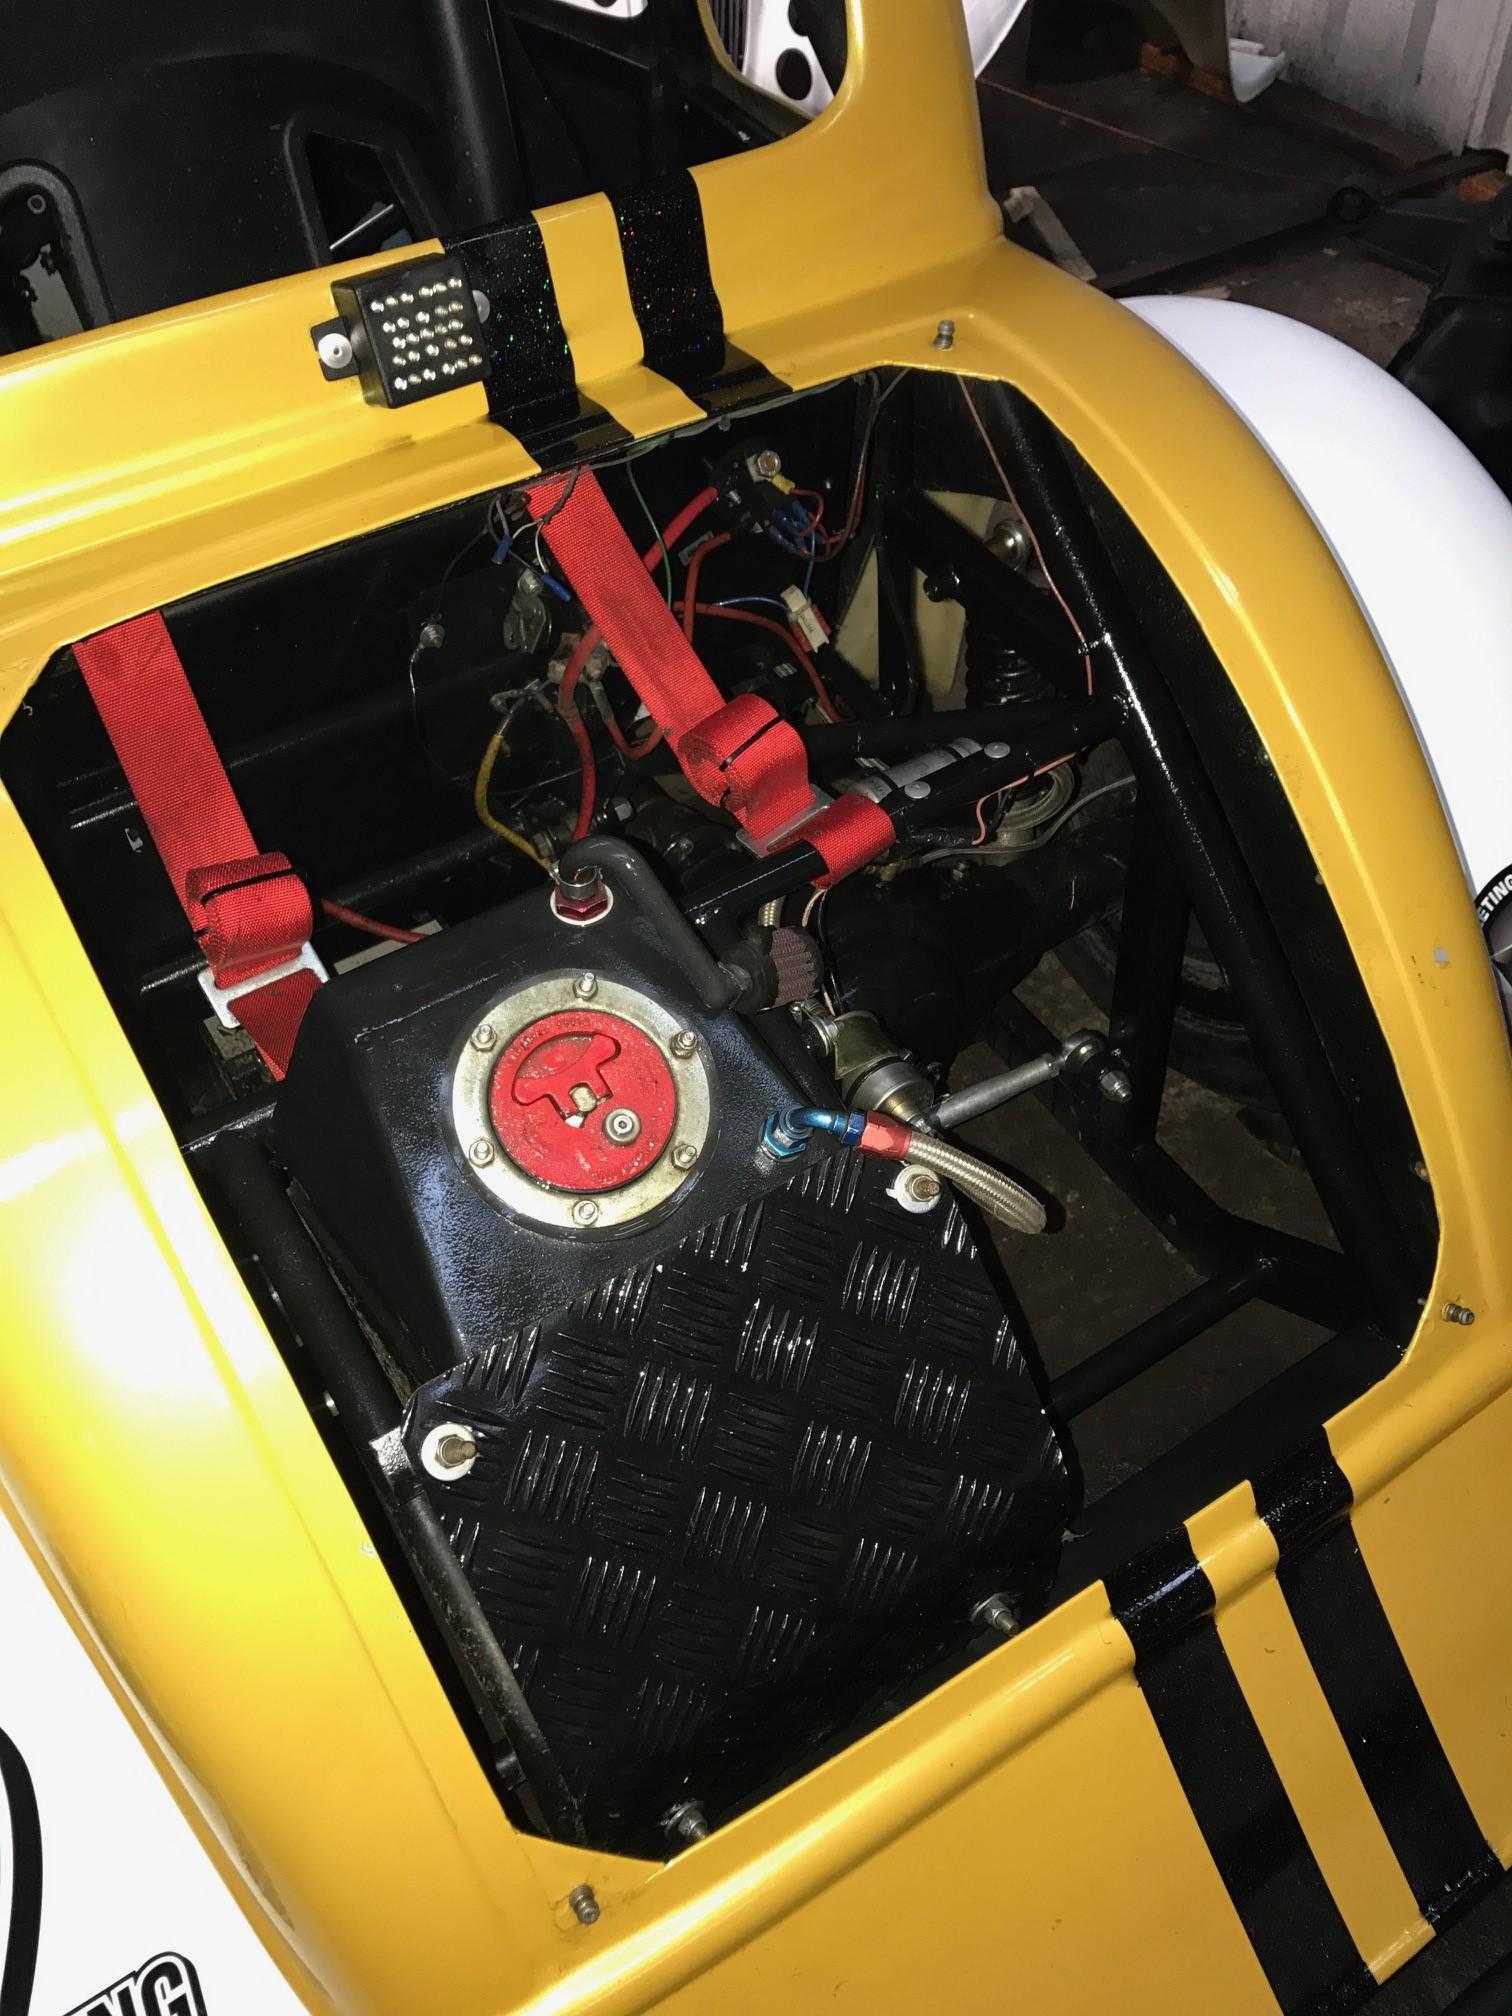 9 Seater Car >> Multiple Championship winning Legends Race Car Complete Set Up Including Tilt Bed Trailer. Stock ...